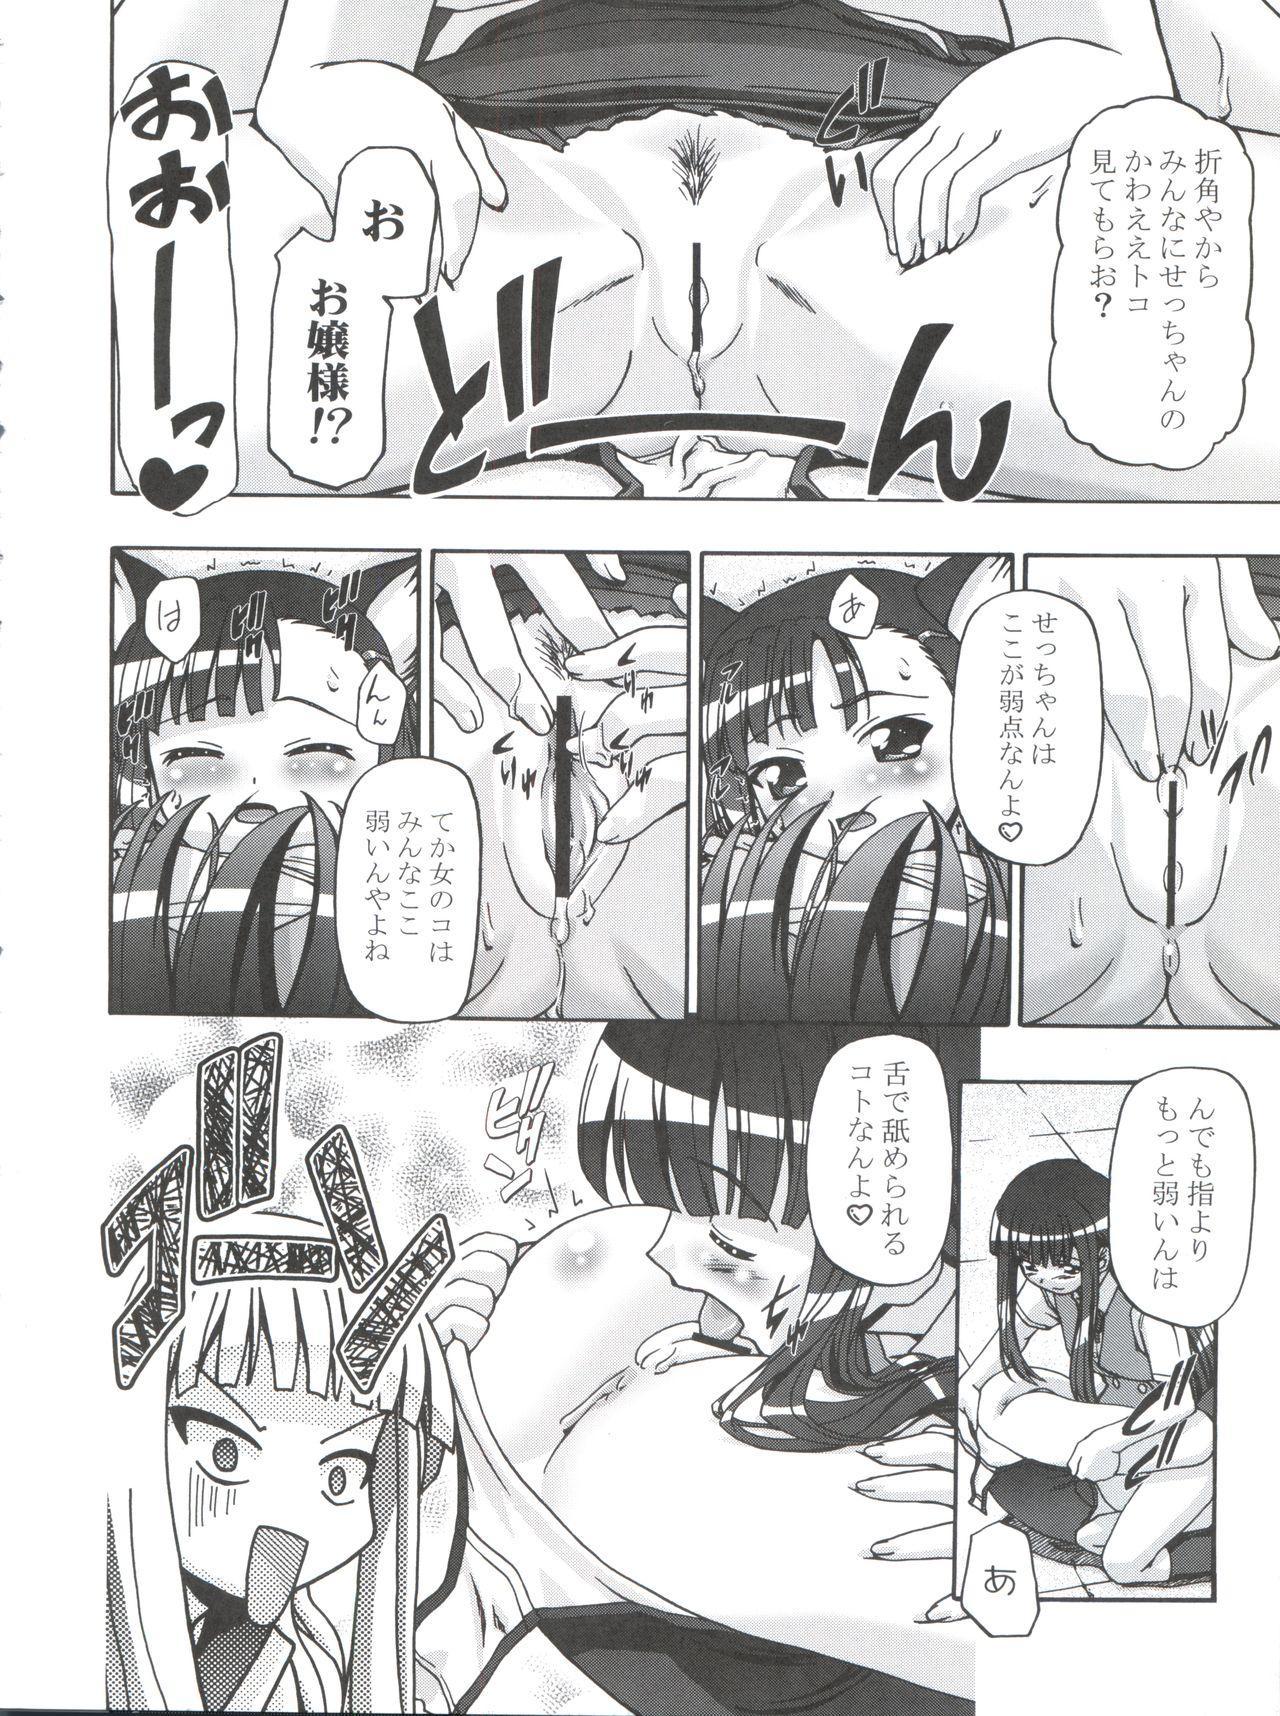 Mahora Gakuen Tyuutoubu 3-A Soushuuhen Vol. 1 13